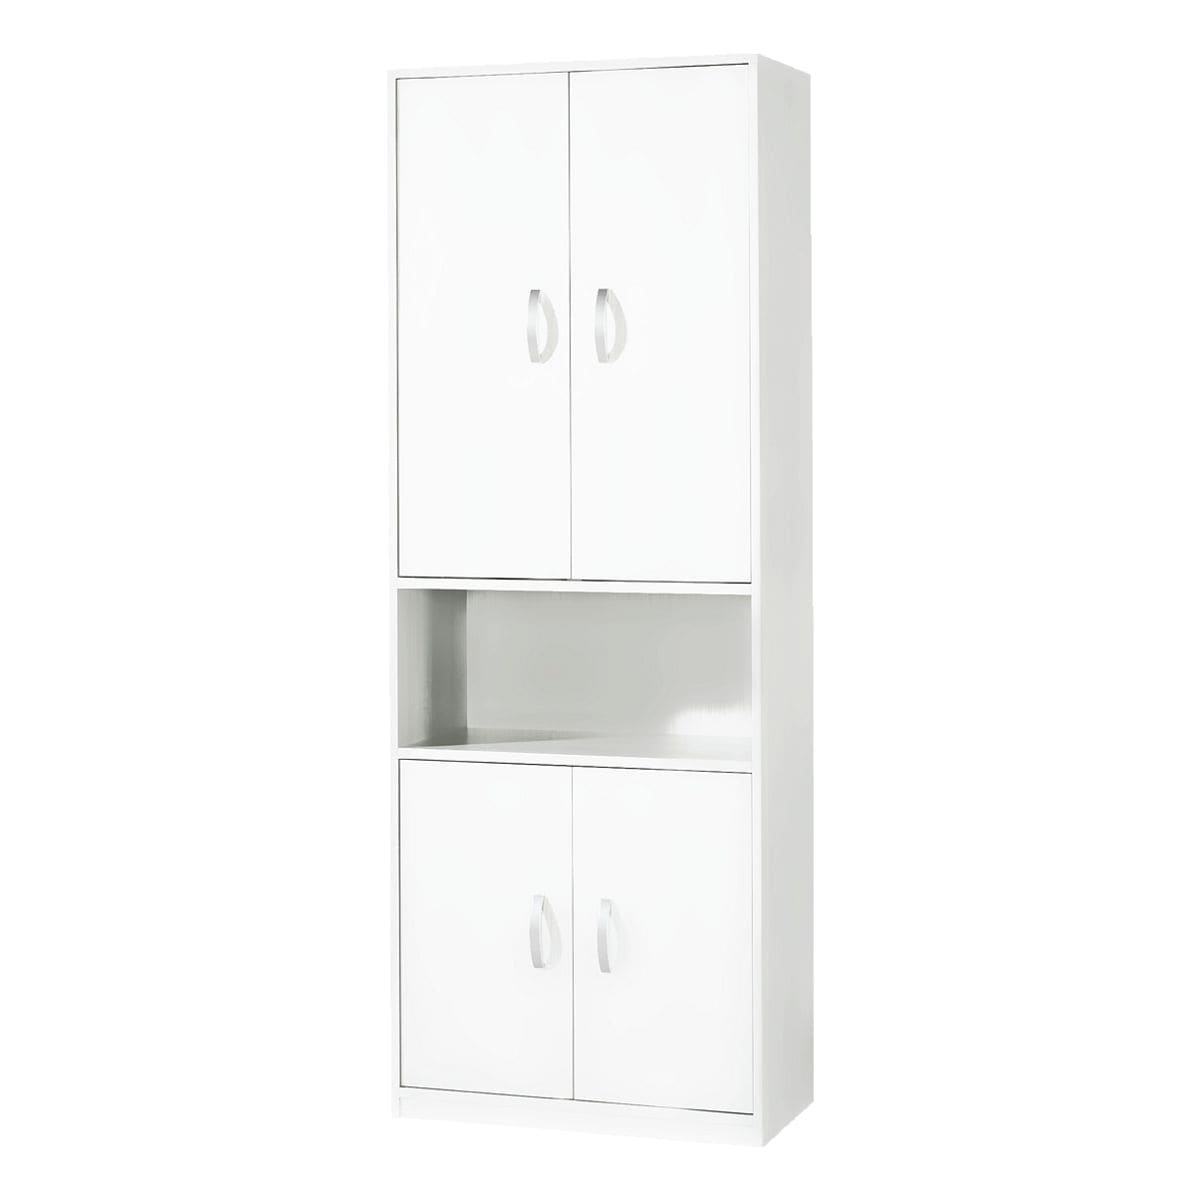 wellem bel mehrzweckschrank jobexpress 80 cm breit 6 oh bei otto office g nstig kaufen. Black Bedroom Furniture Sets. Home Design Ideas